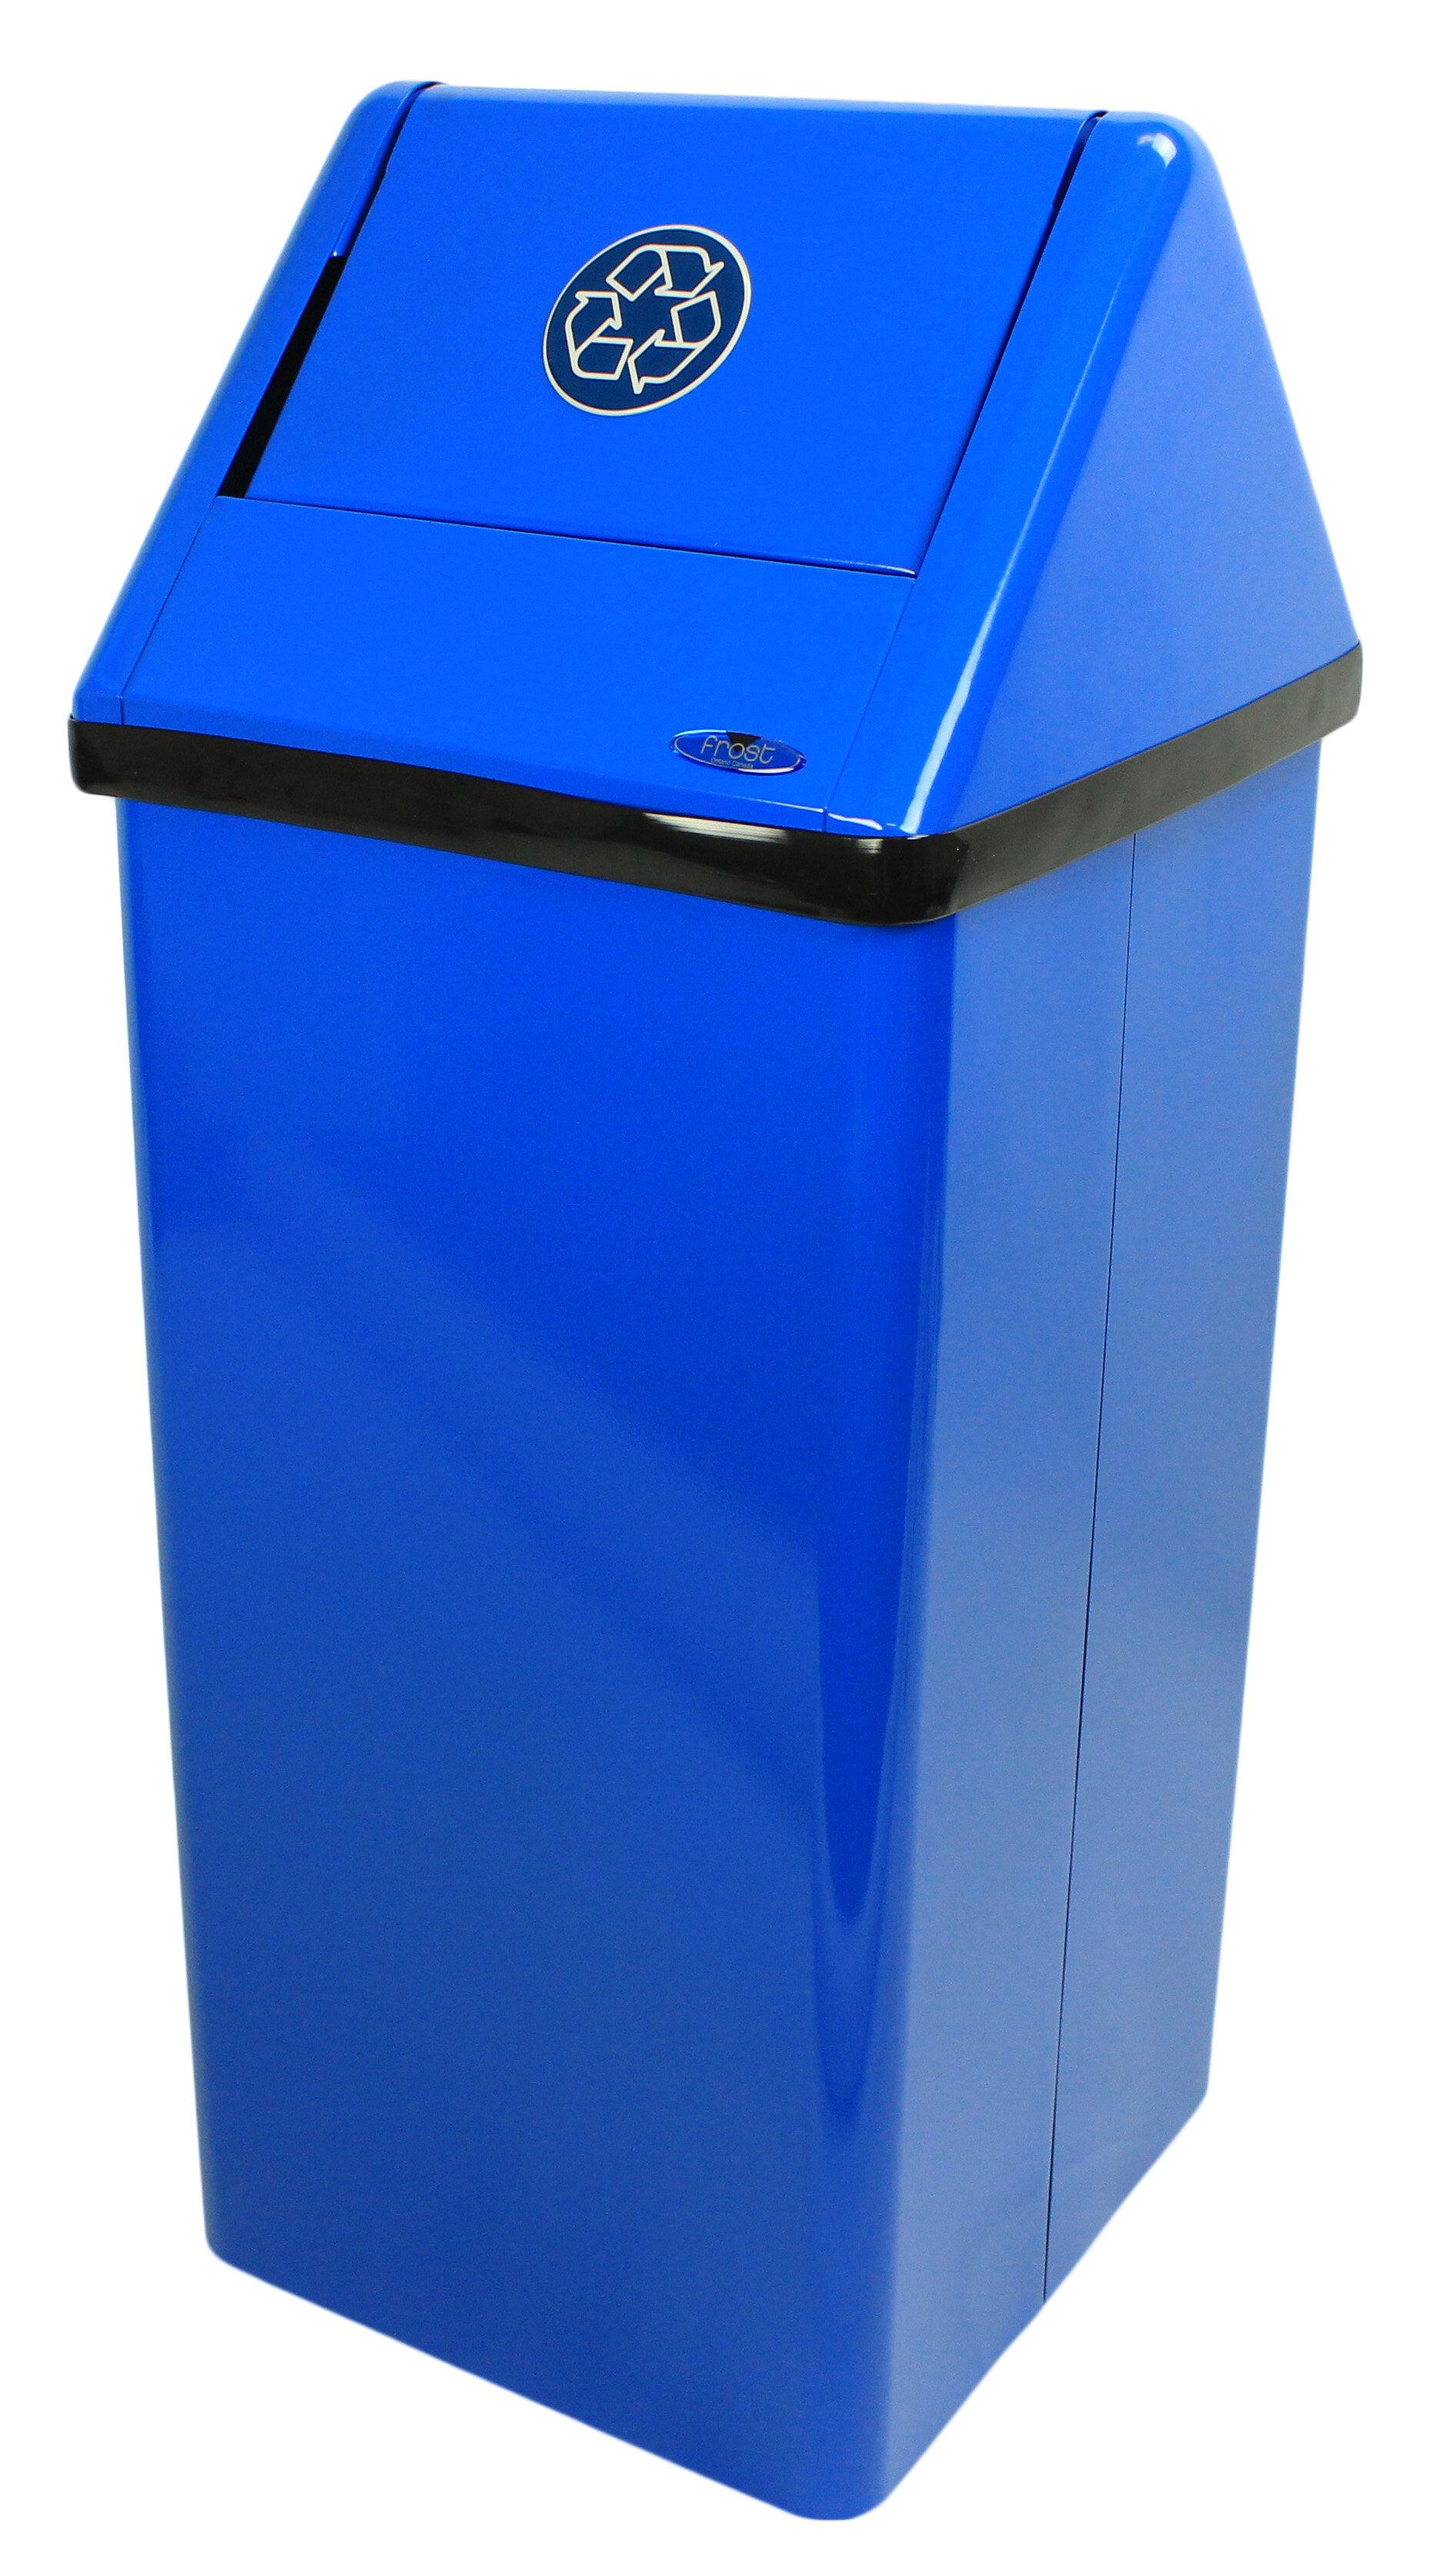 Recycling Bins Wayfair